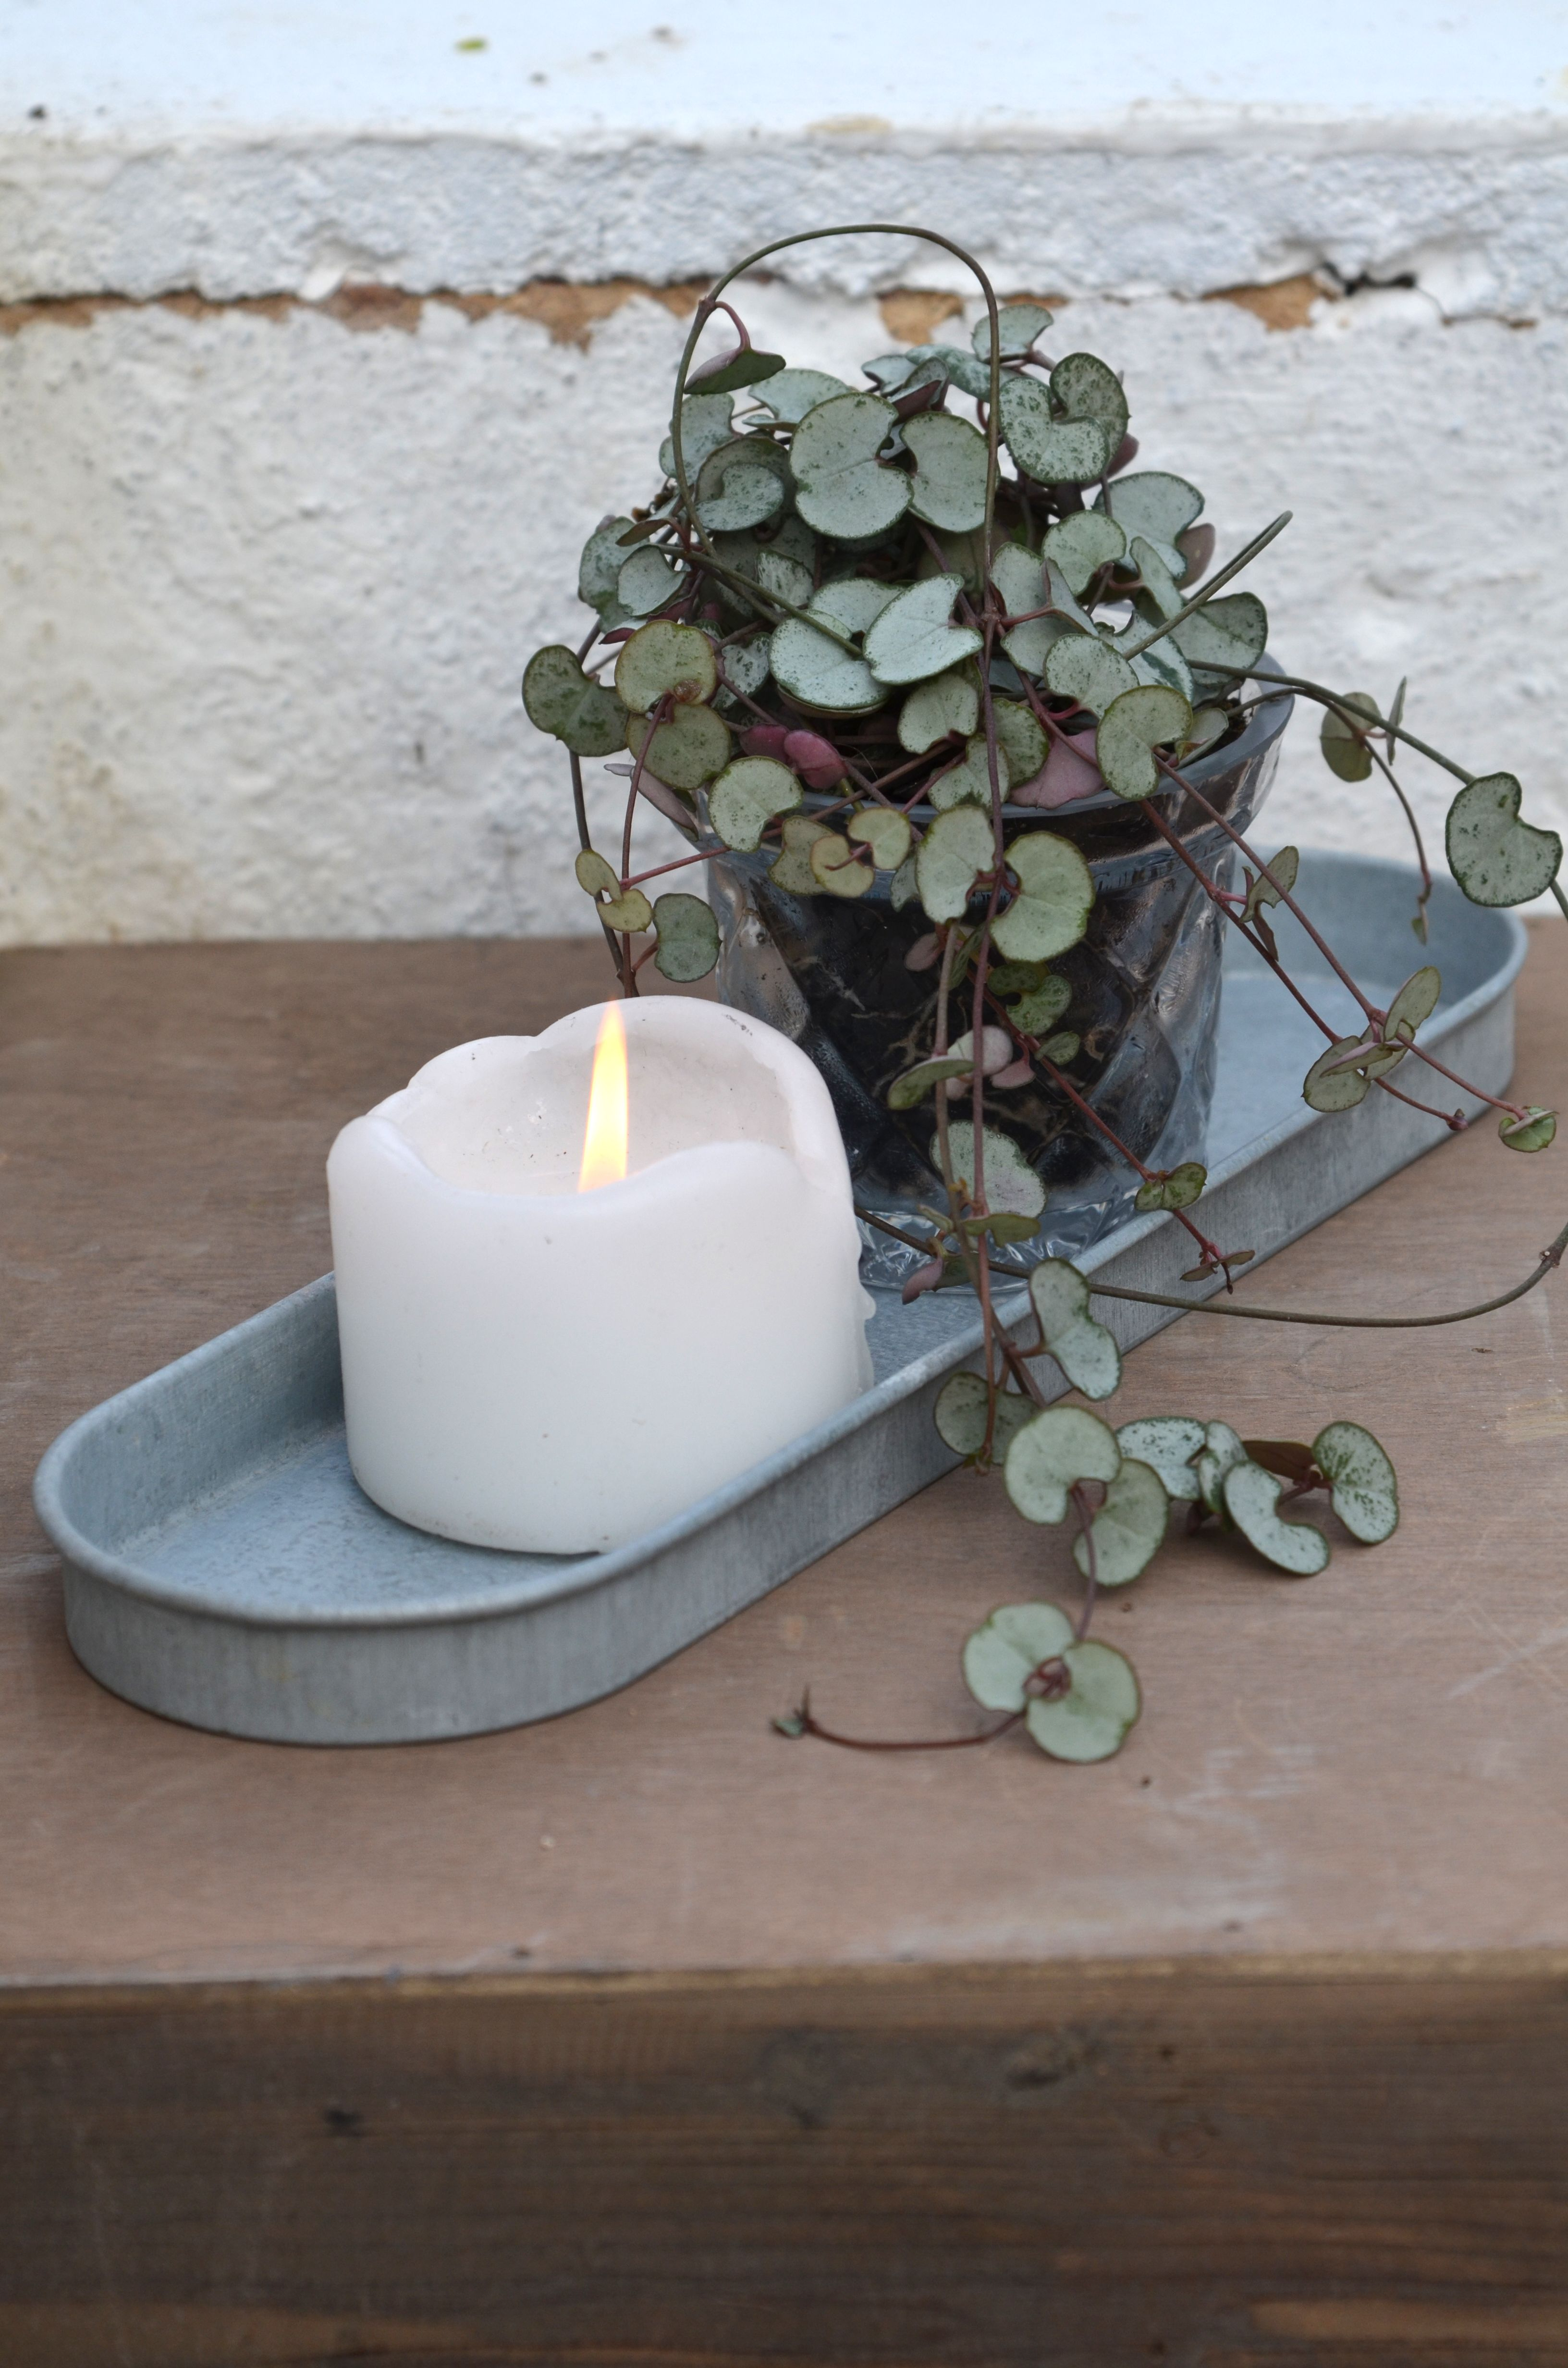 Ovales Tablett Aus Zink Dekoriert Mit Einer Kerze Und Einer